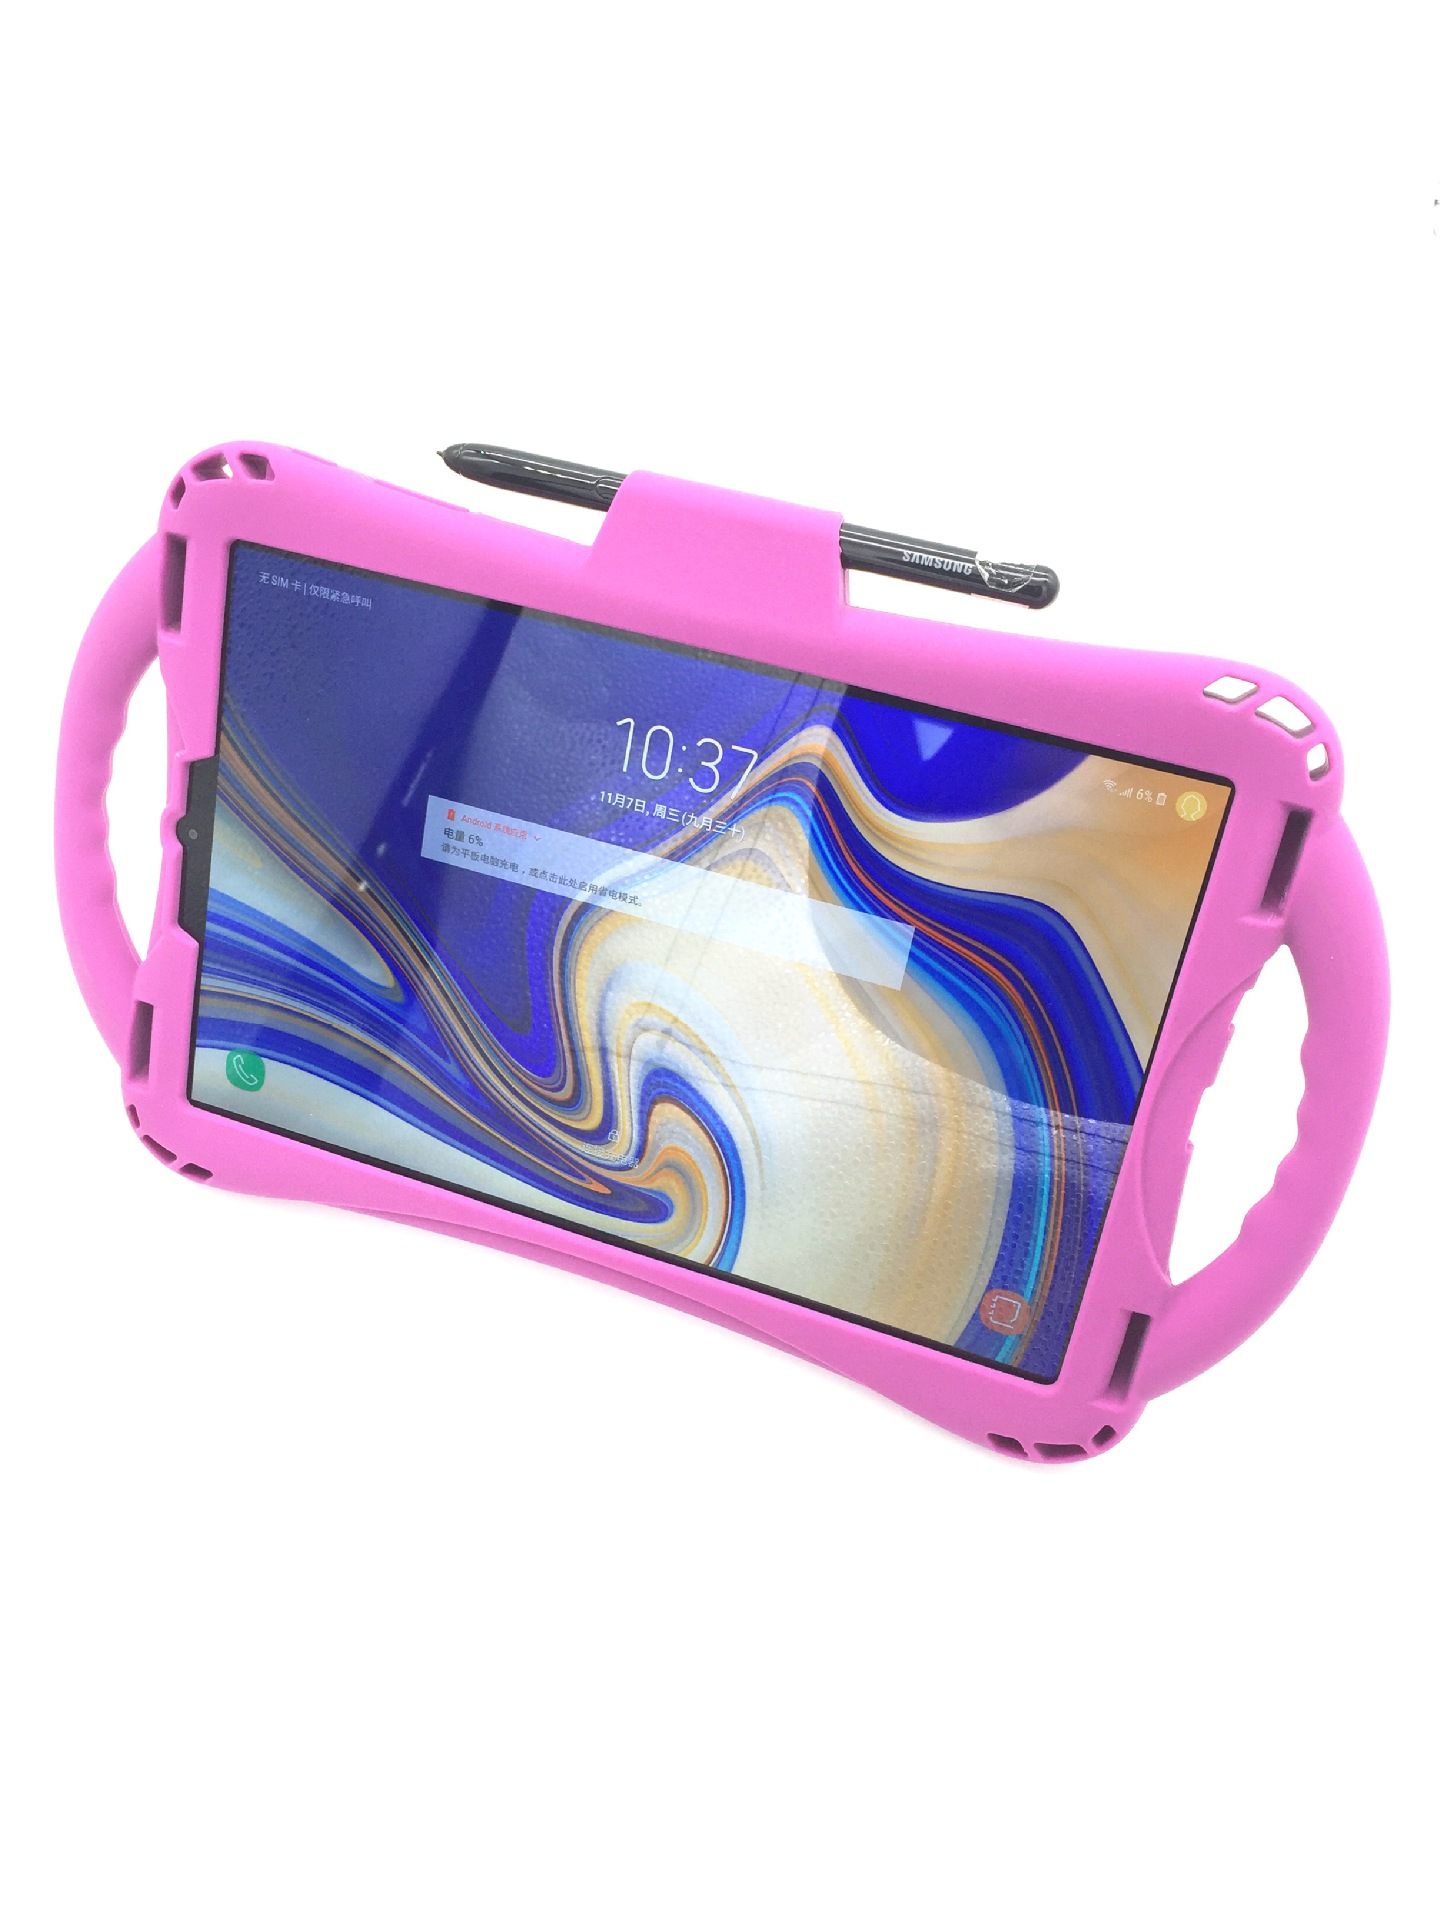 Phụ kiện Ốp lưng đỡ máy tính bảng Samsung Tablet PC Silicone Case 10.1 inch